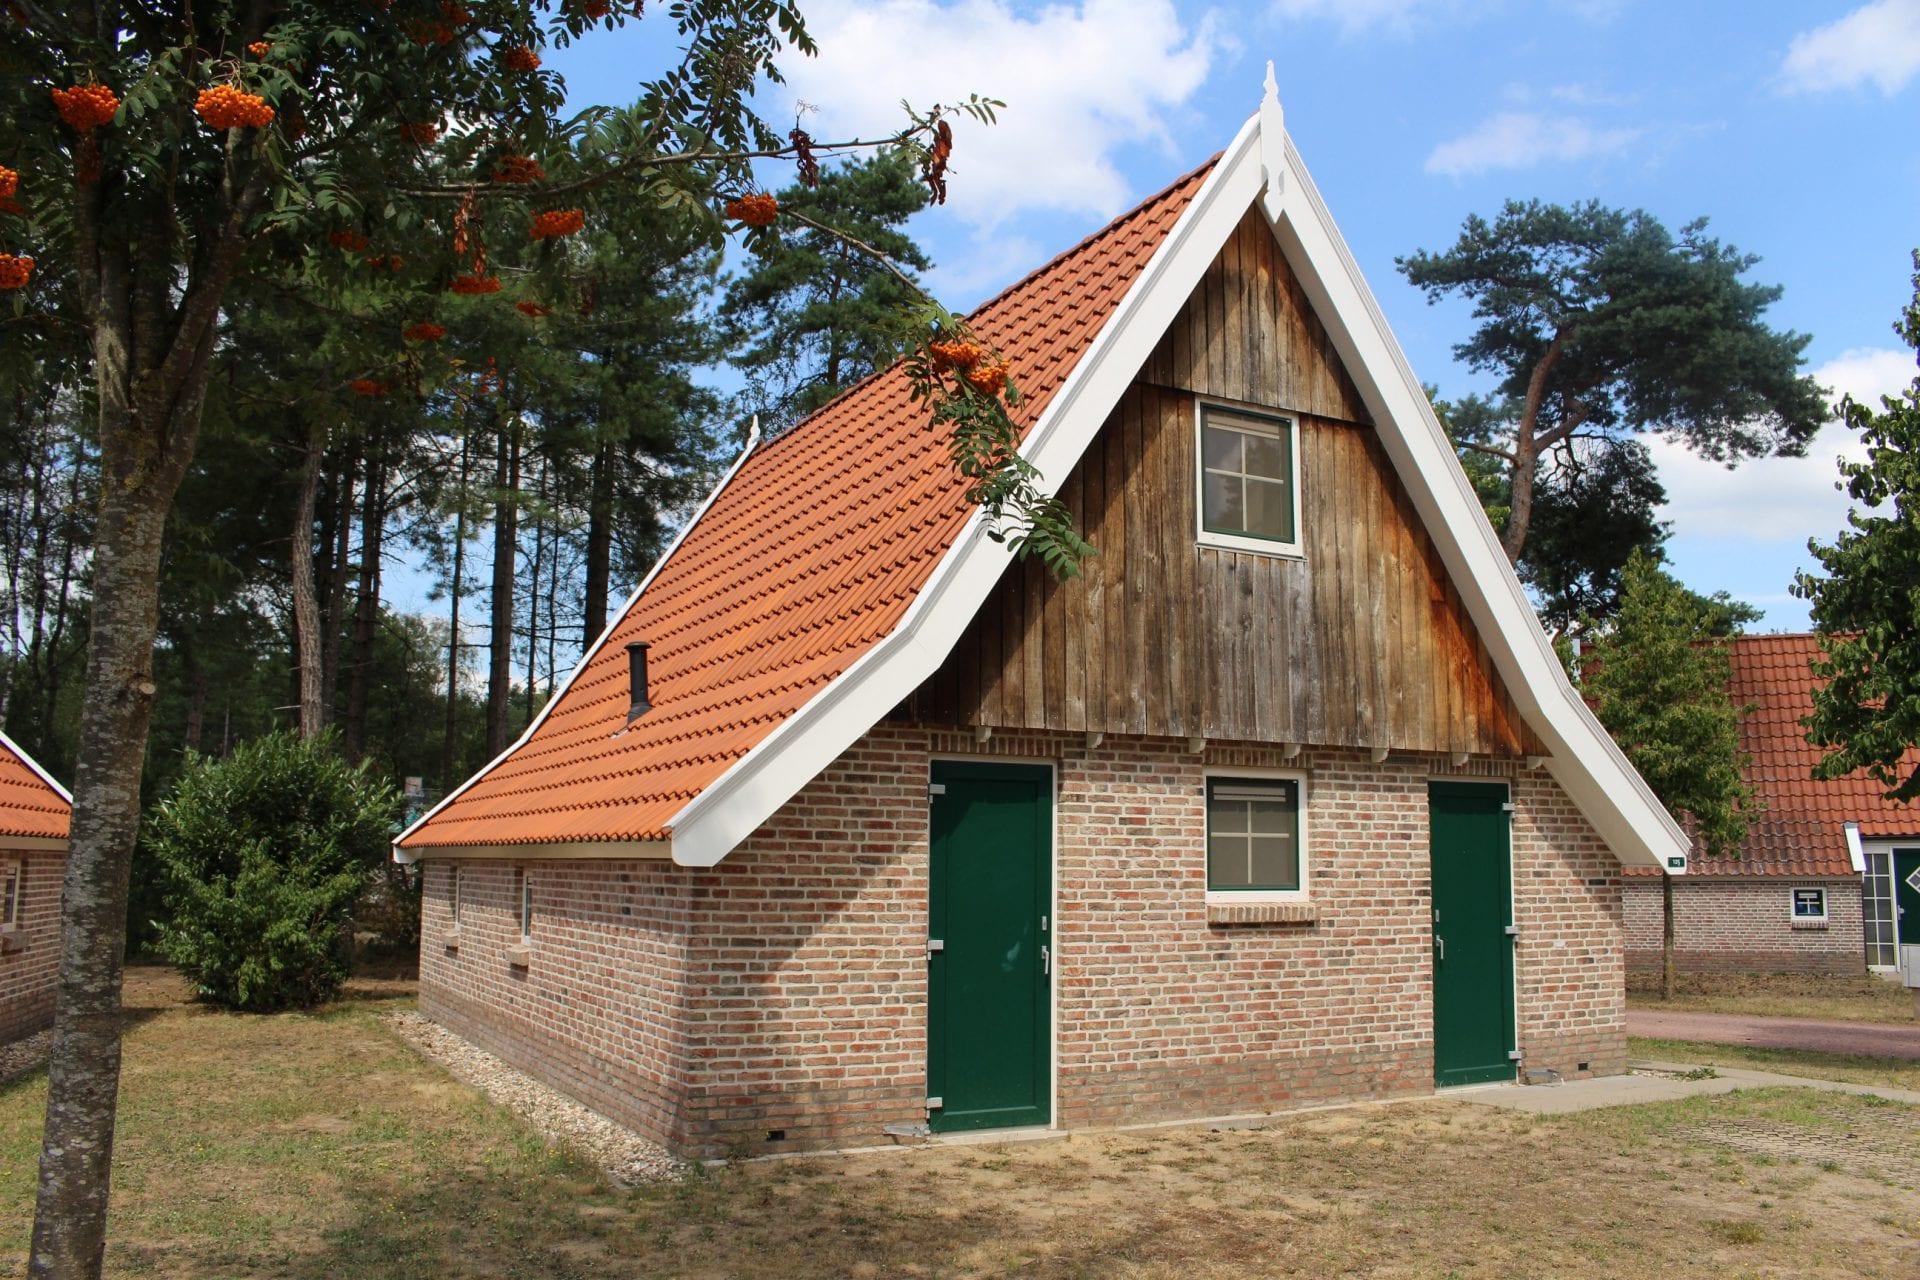 2 Vakantiehuis Landgoed De Hellendoornse Berg nr. 125 - Steeger Hoes 4-pers. Comfort zomer